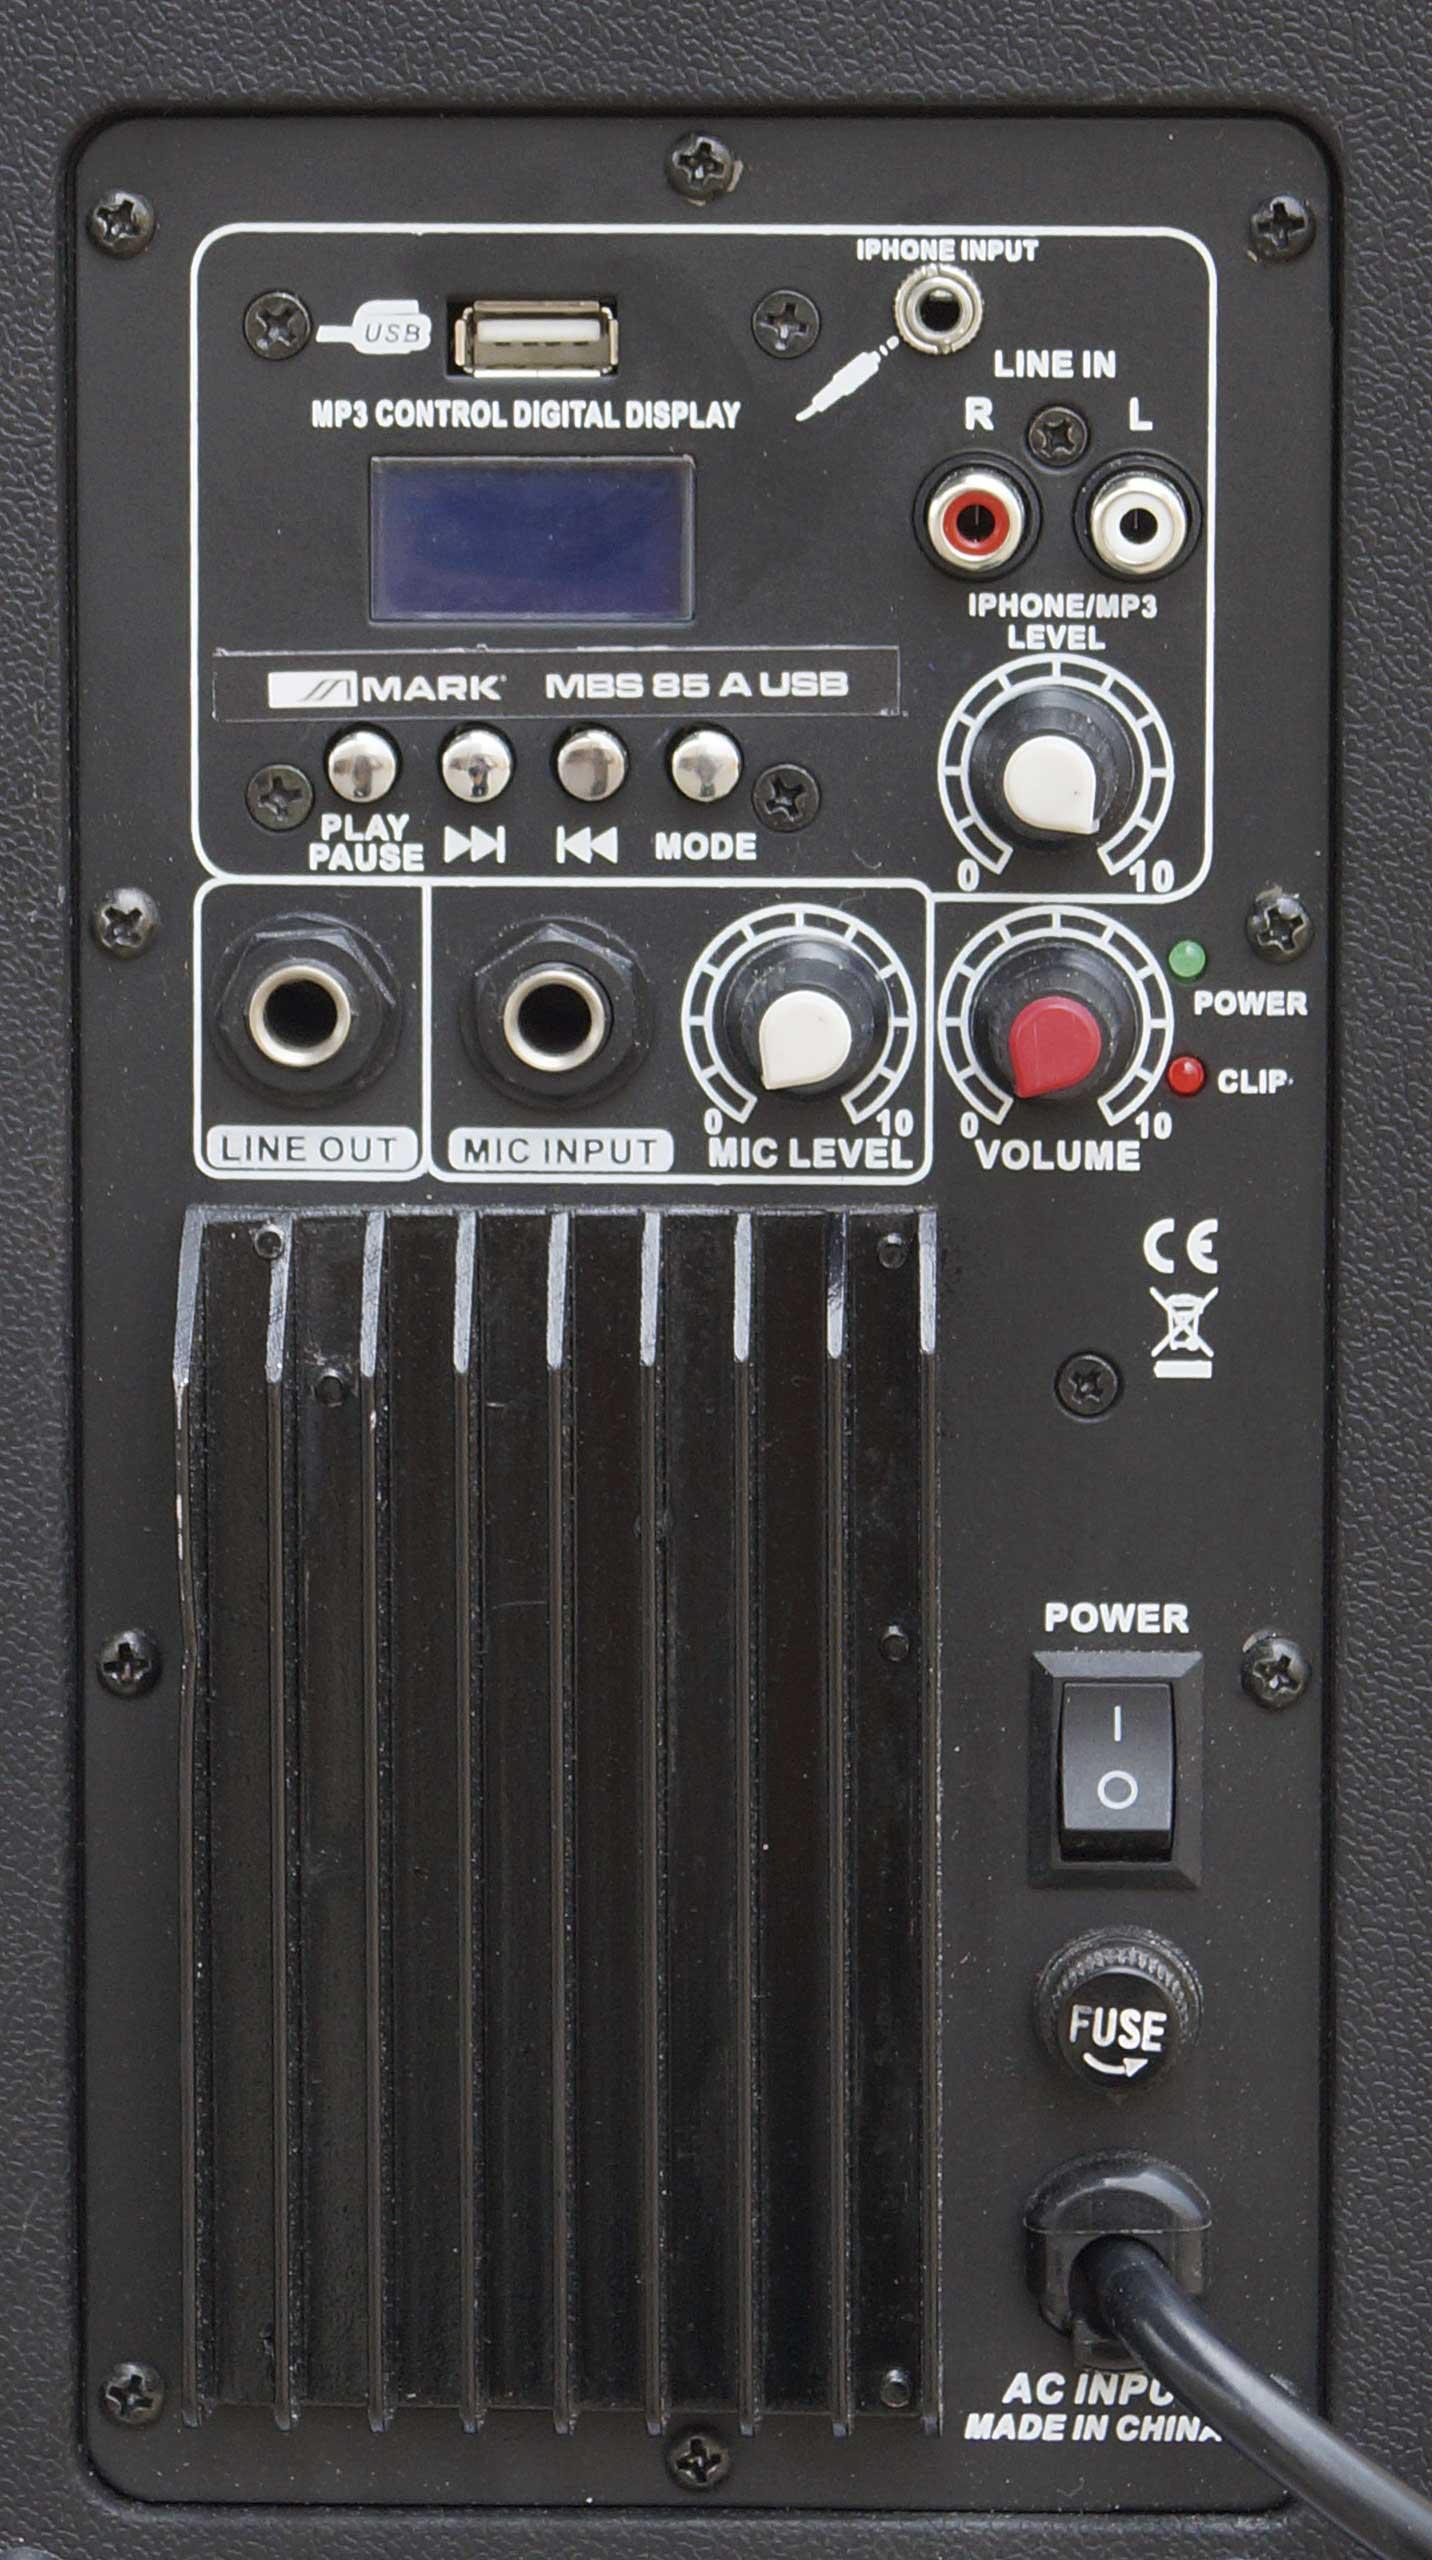 MBS 85A USB Trasera